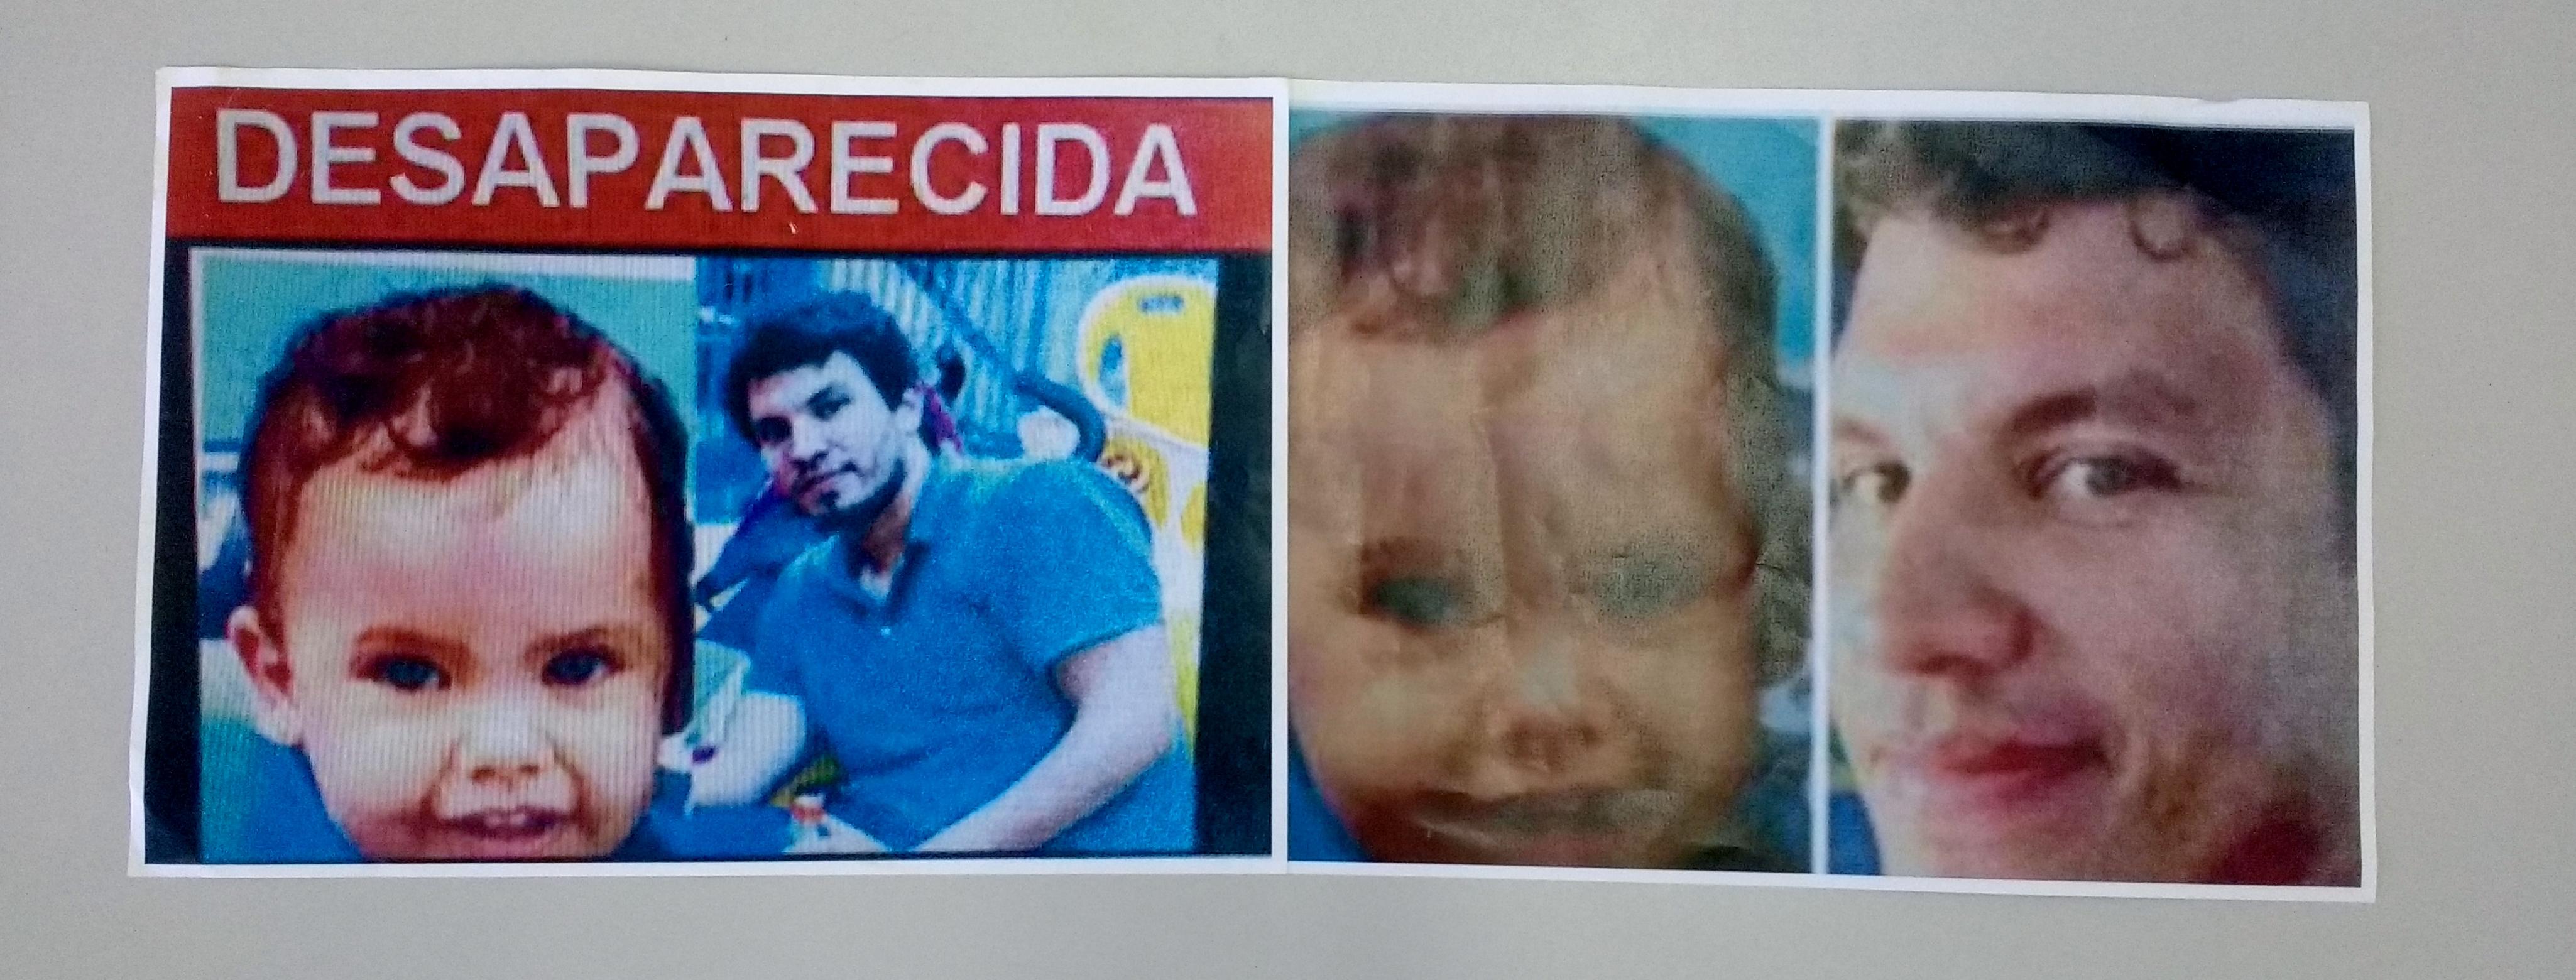 Polícias do Maranhão e Pernambuco procuram pai acusado de sequestrar a própria filha